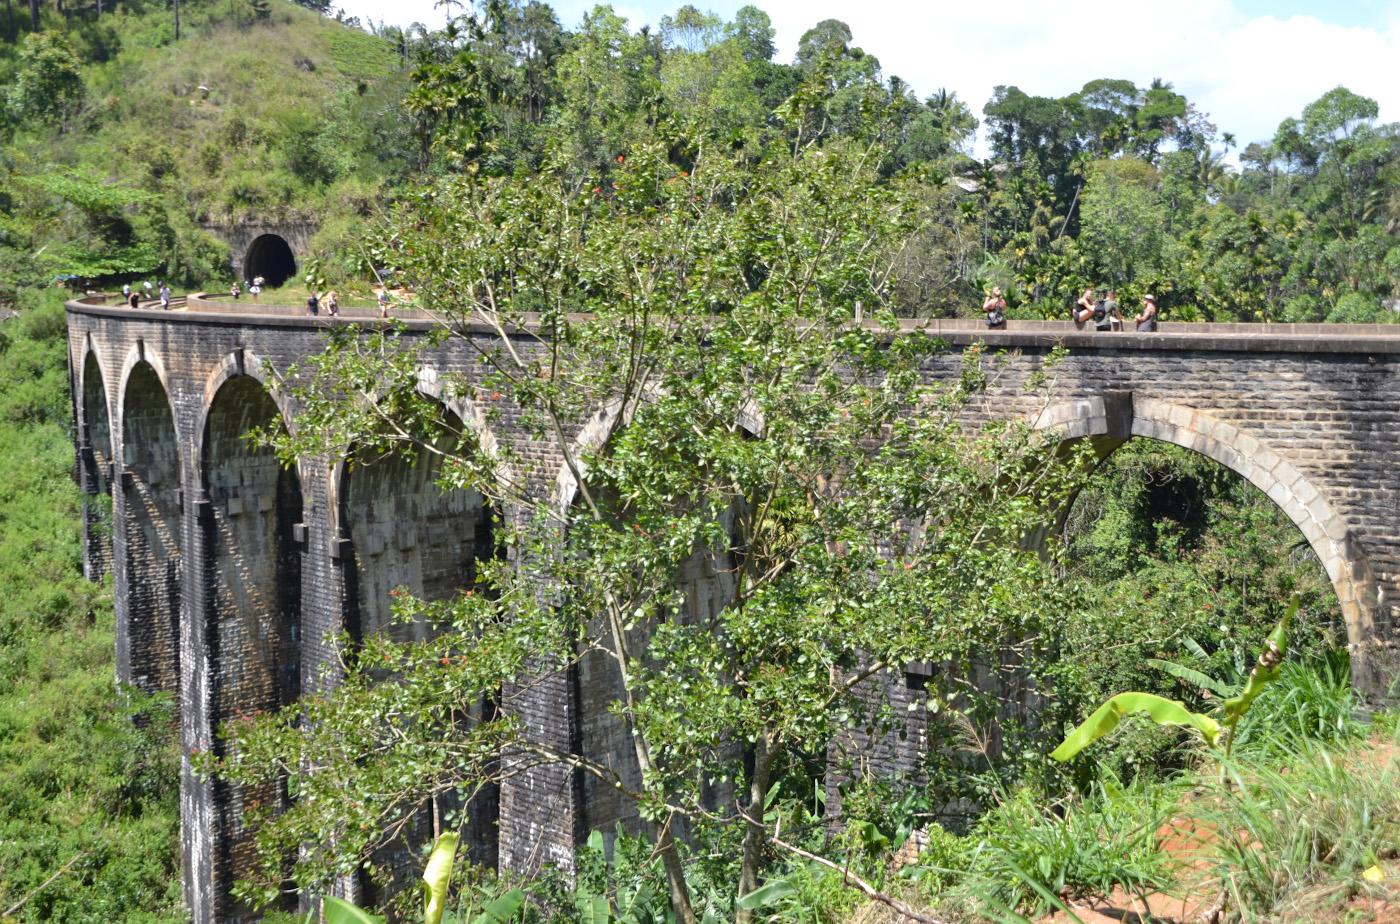 Фотография 20. Девятиарочный мост (DemodaraNineArch Bridge), который можно посмотреть недалеко от водопада Равана Фолc (Rawana Falls). Отзывы об экскурсиях из Унаватуны по Шри-Ланке на машине с водителем. 1/250, 8.0, 100, 55.